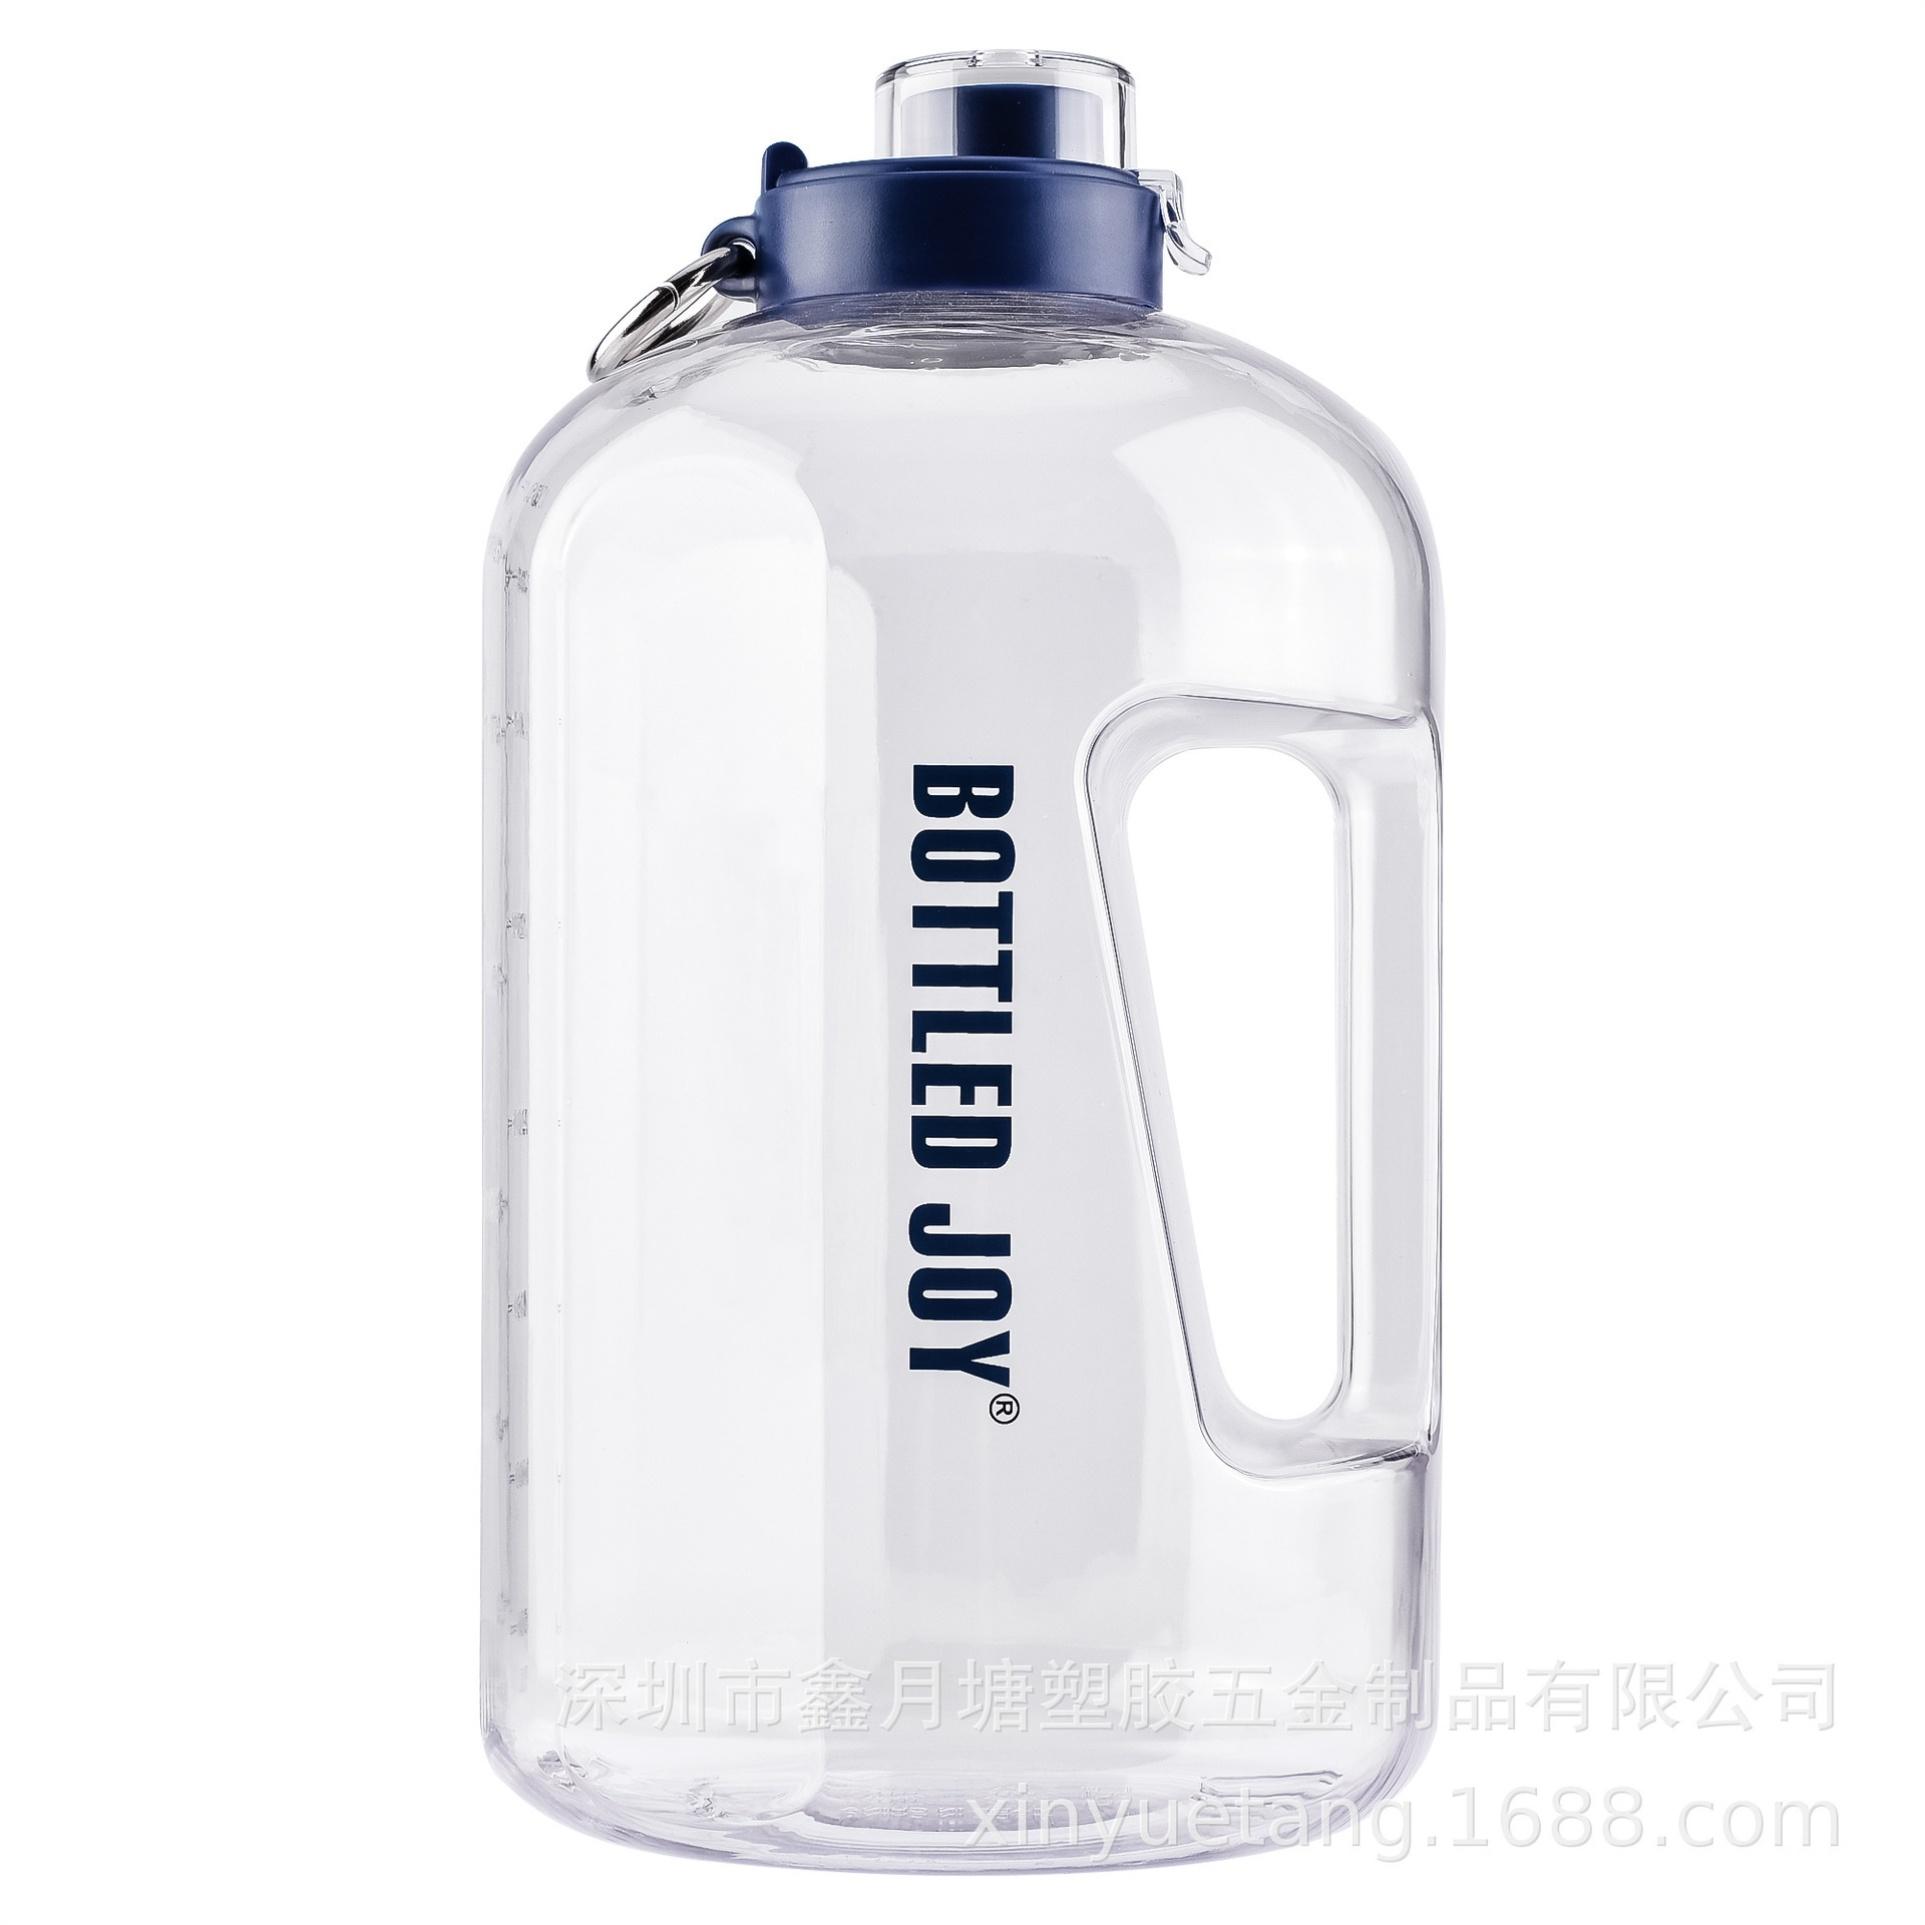 运动水壶健身大容量水杯2.5升大号3升运动水桶户外便携水瓶淘宝优惠券